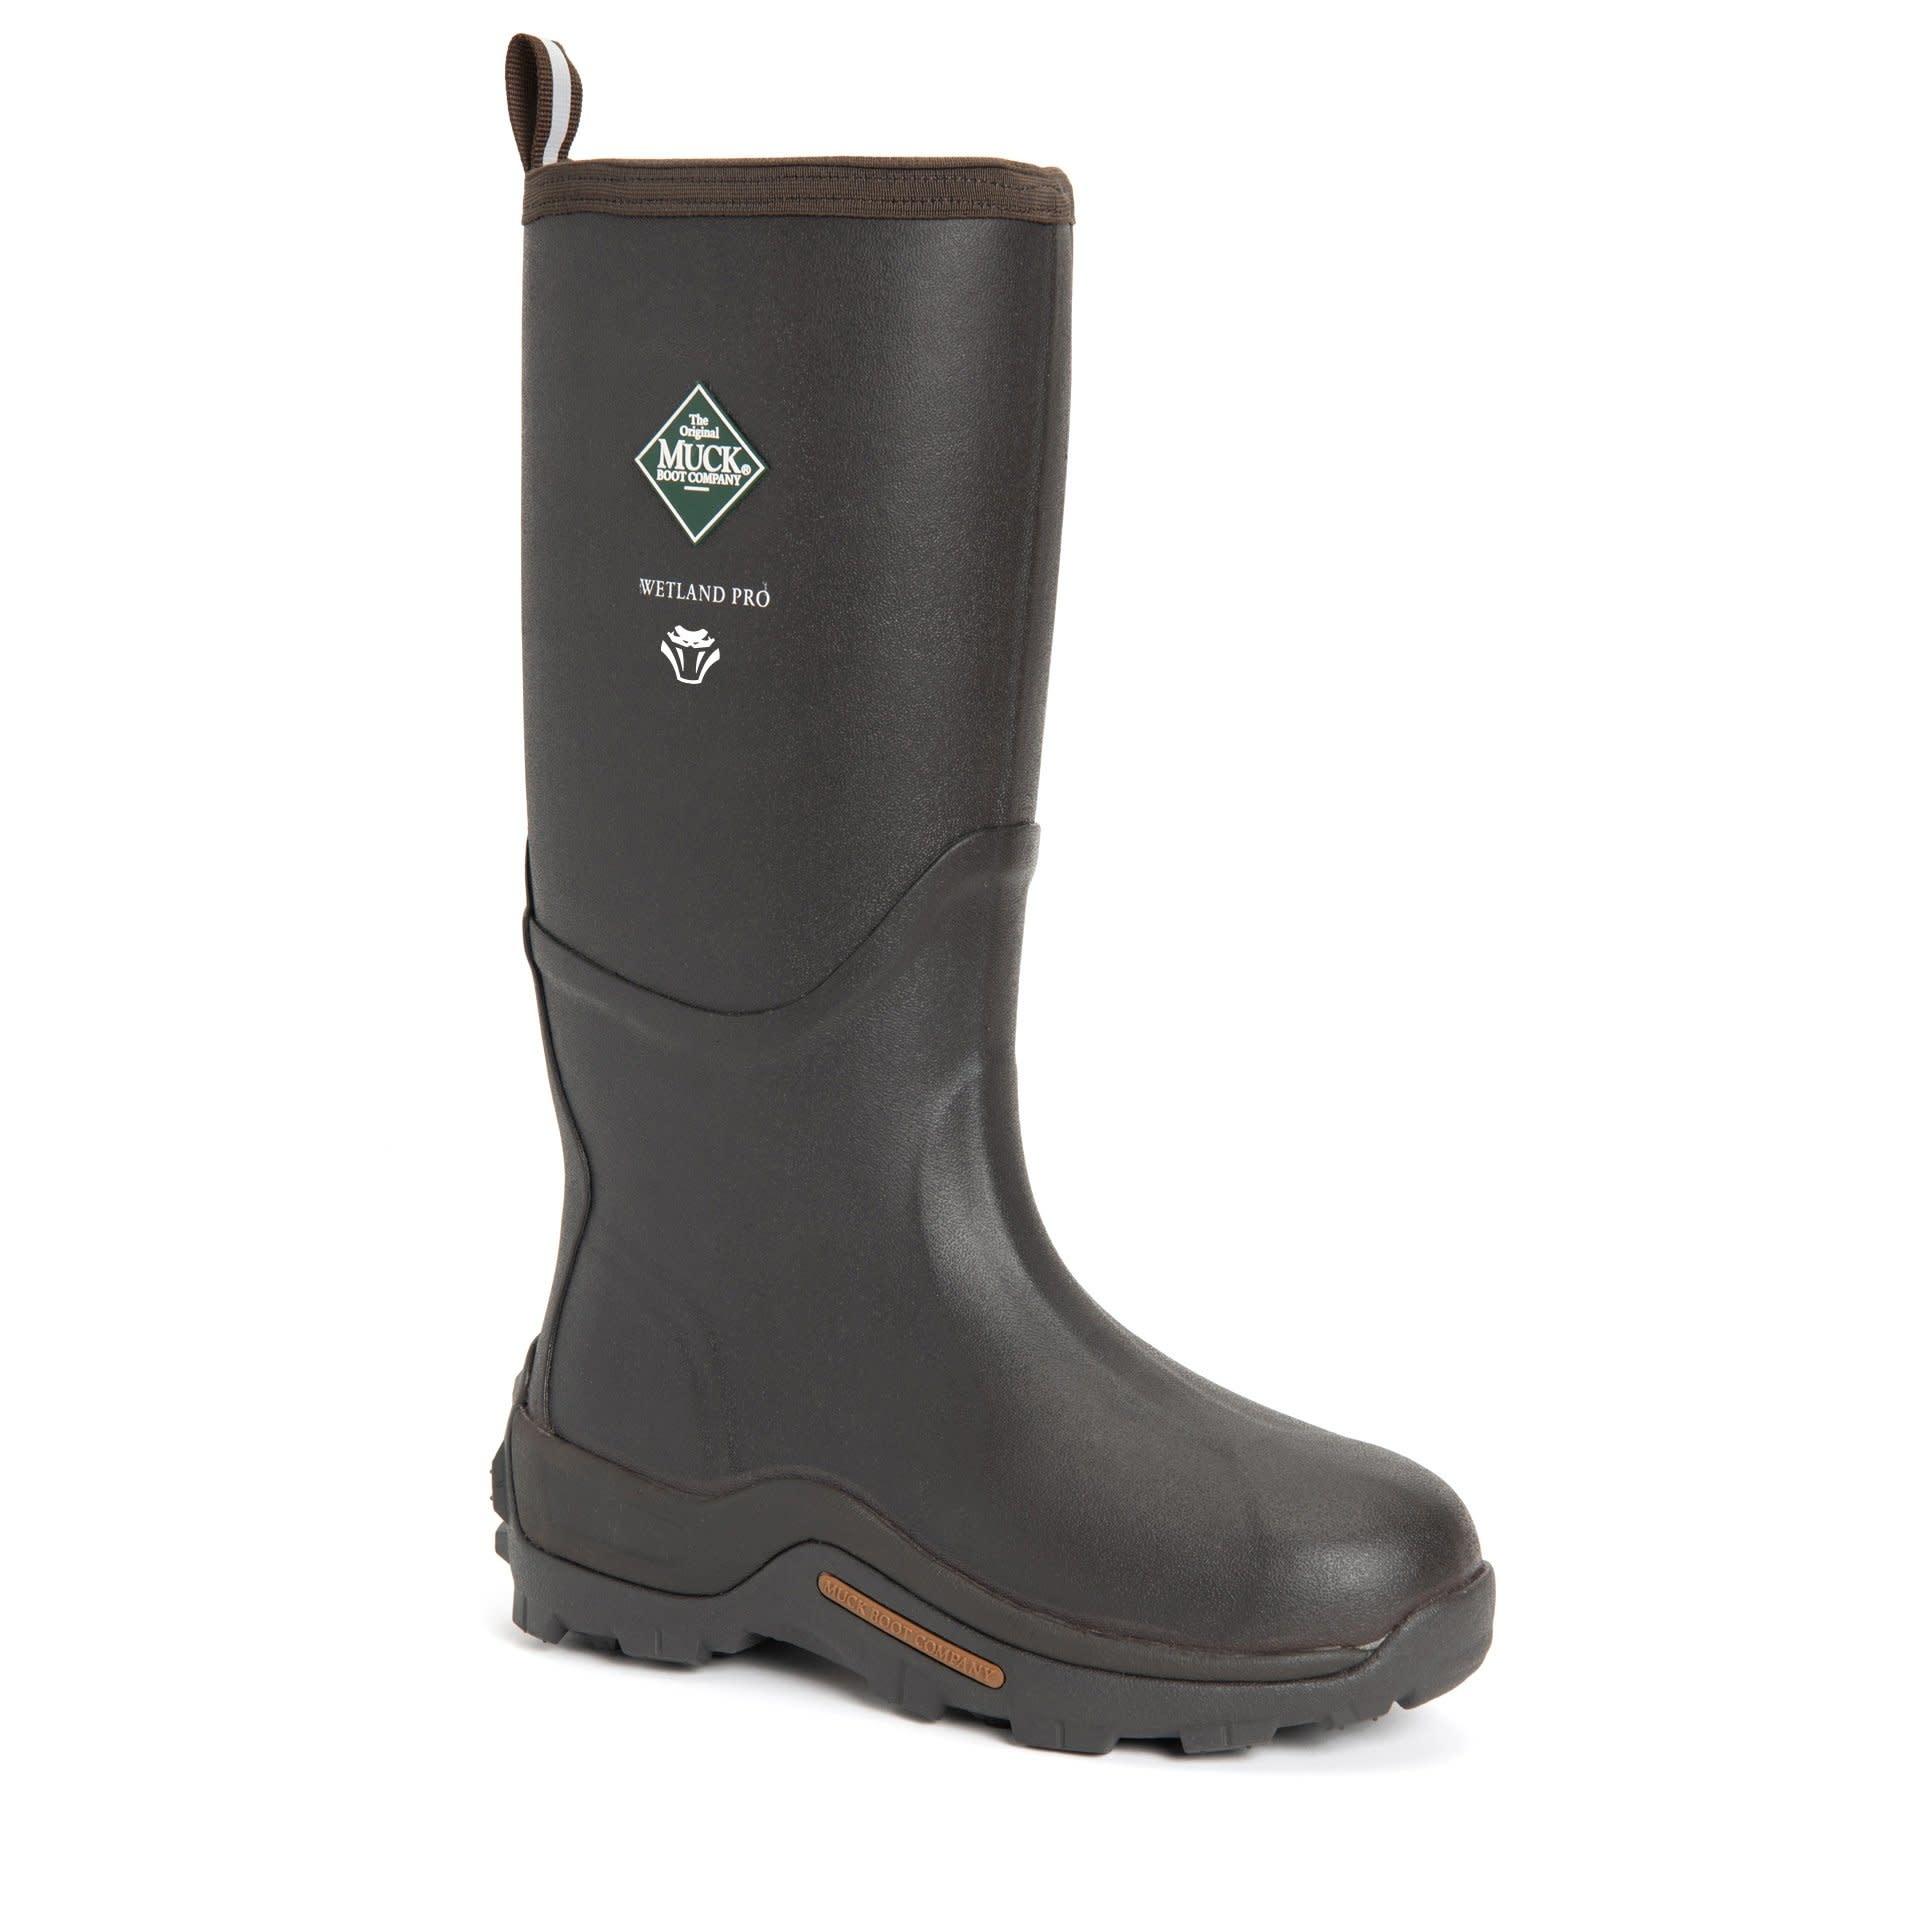 Muck Muck Wetland Pro Snake Boots